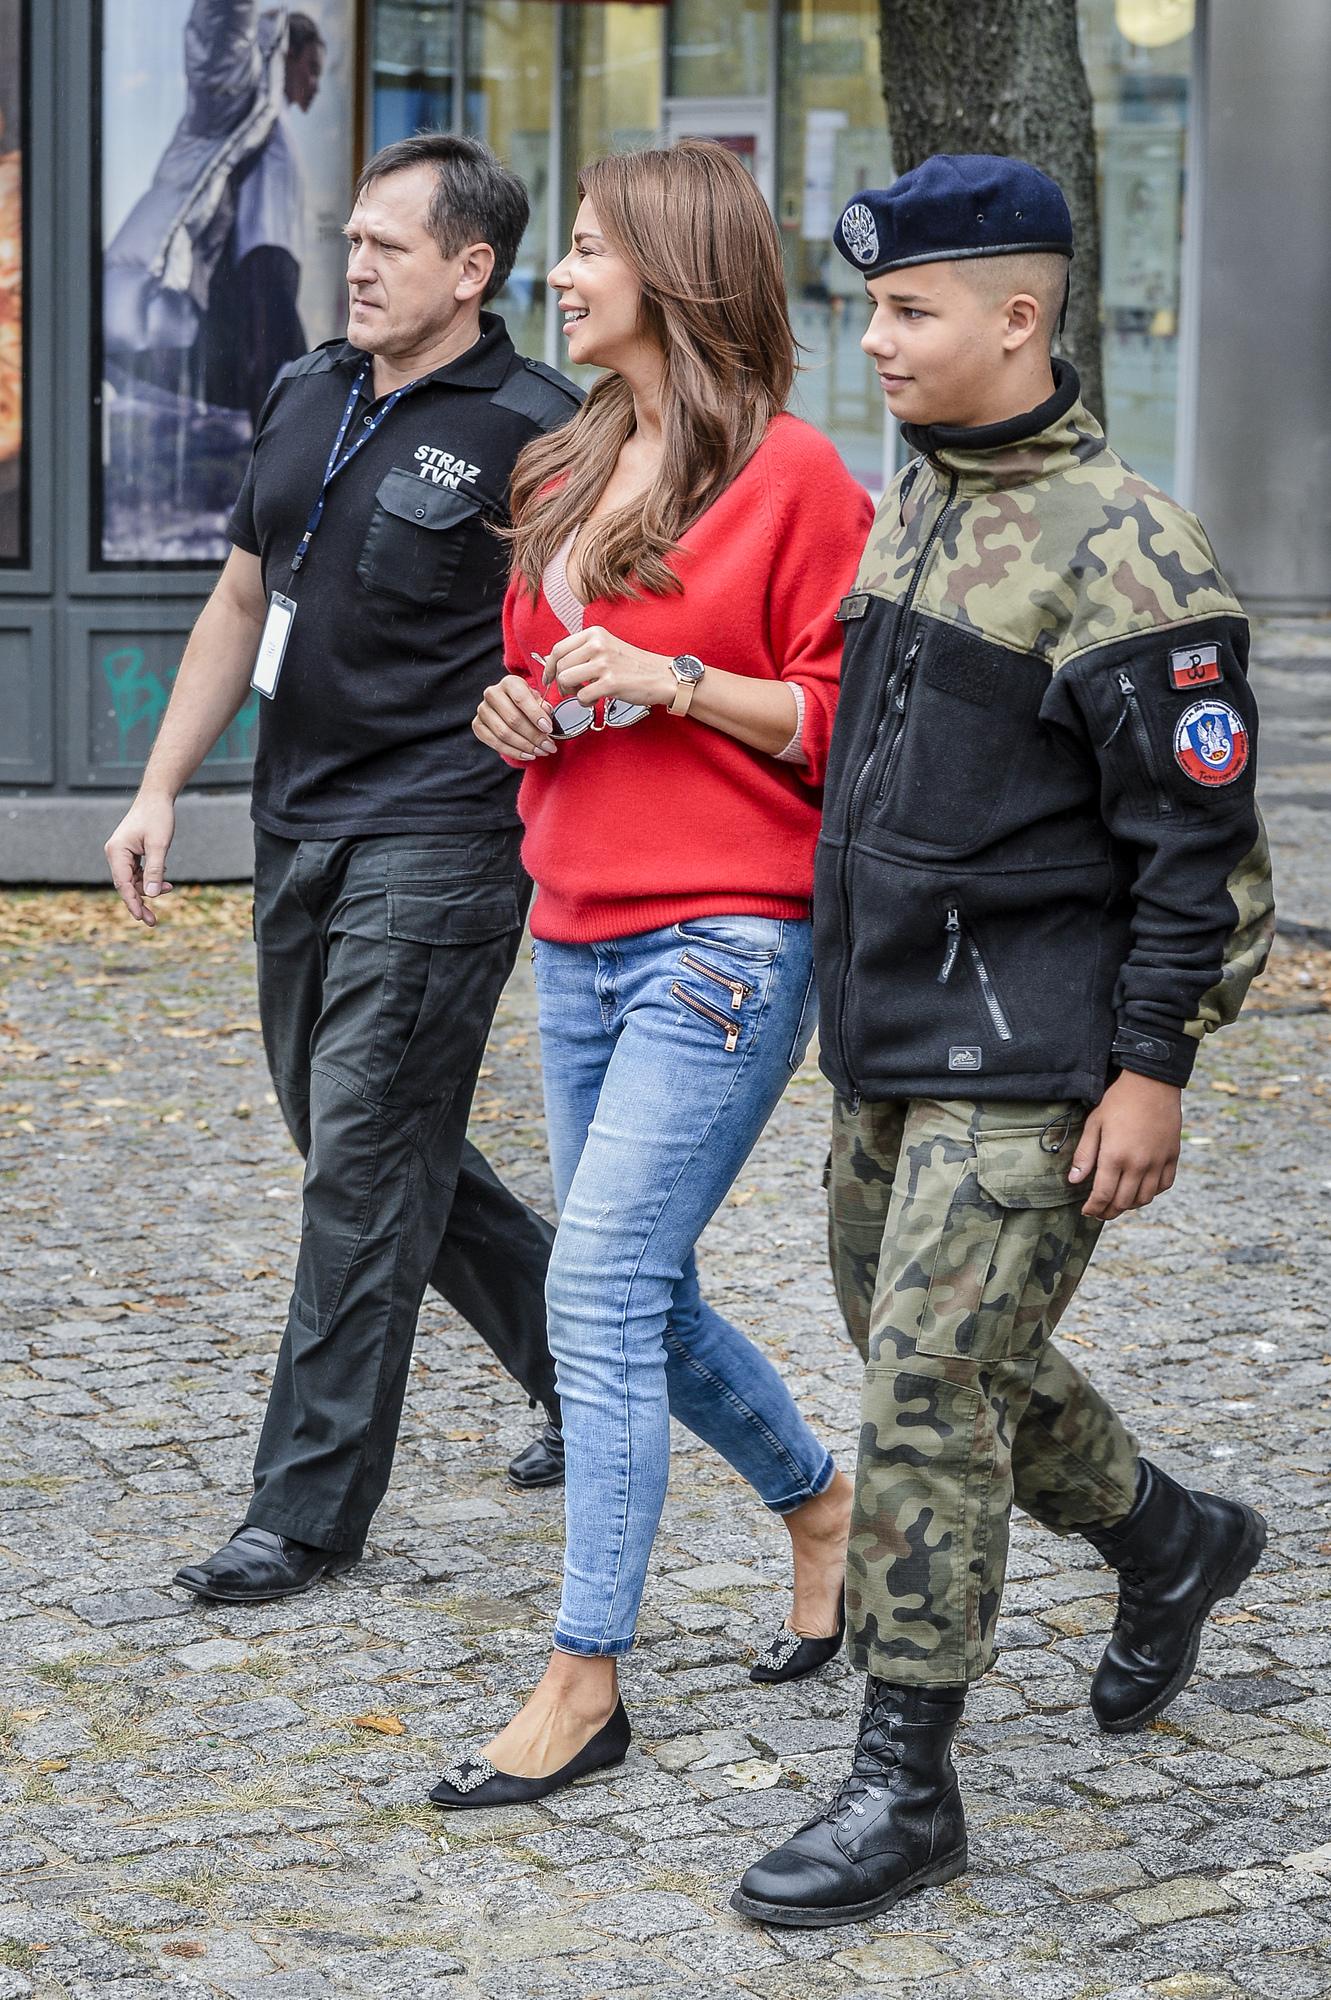 Dumna Edyta Górniak z synem Allanem w mundurze (ZDJĘCIA)